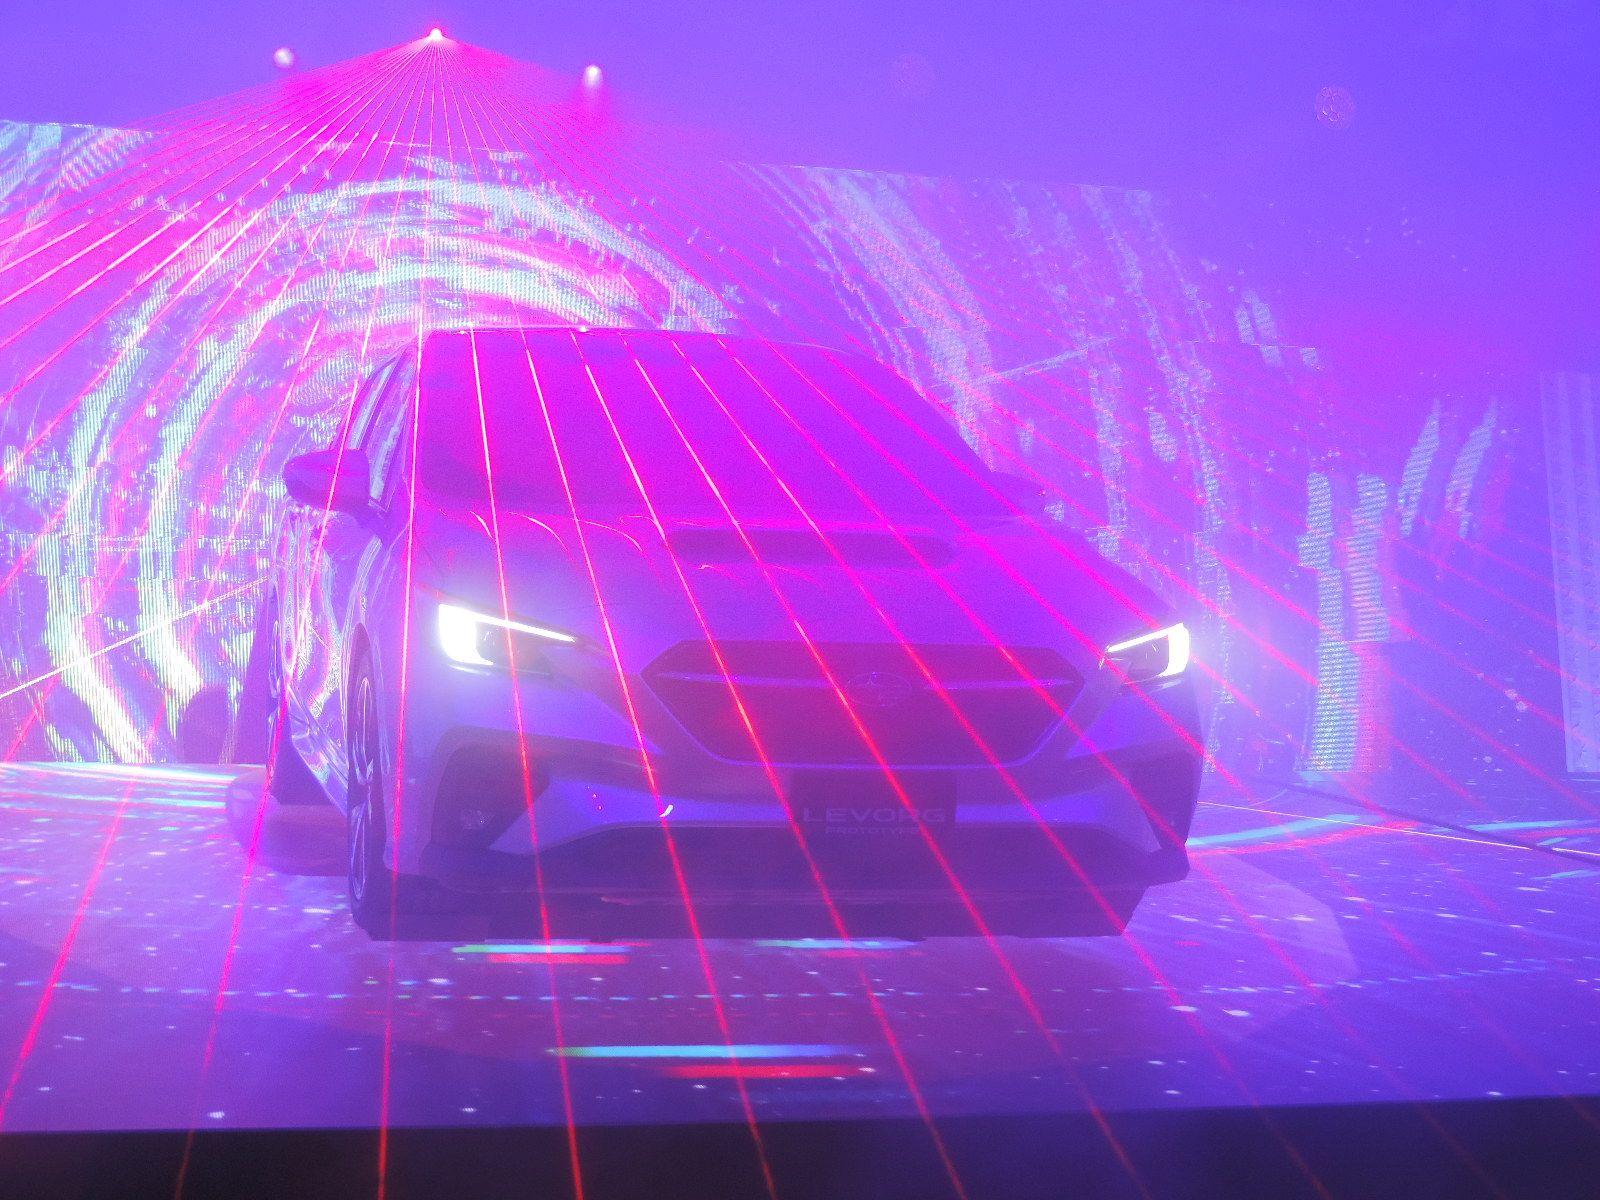 スバル 2020年後半に市販予定の新型「レヴォーグ」プロトタイプを公開 手放し運転を実用化